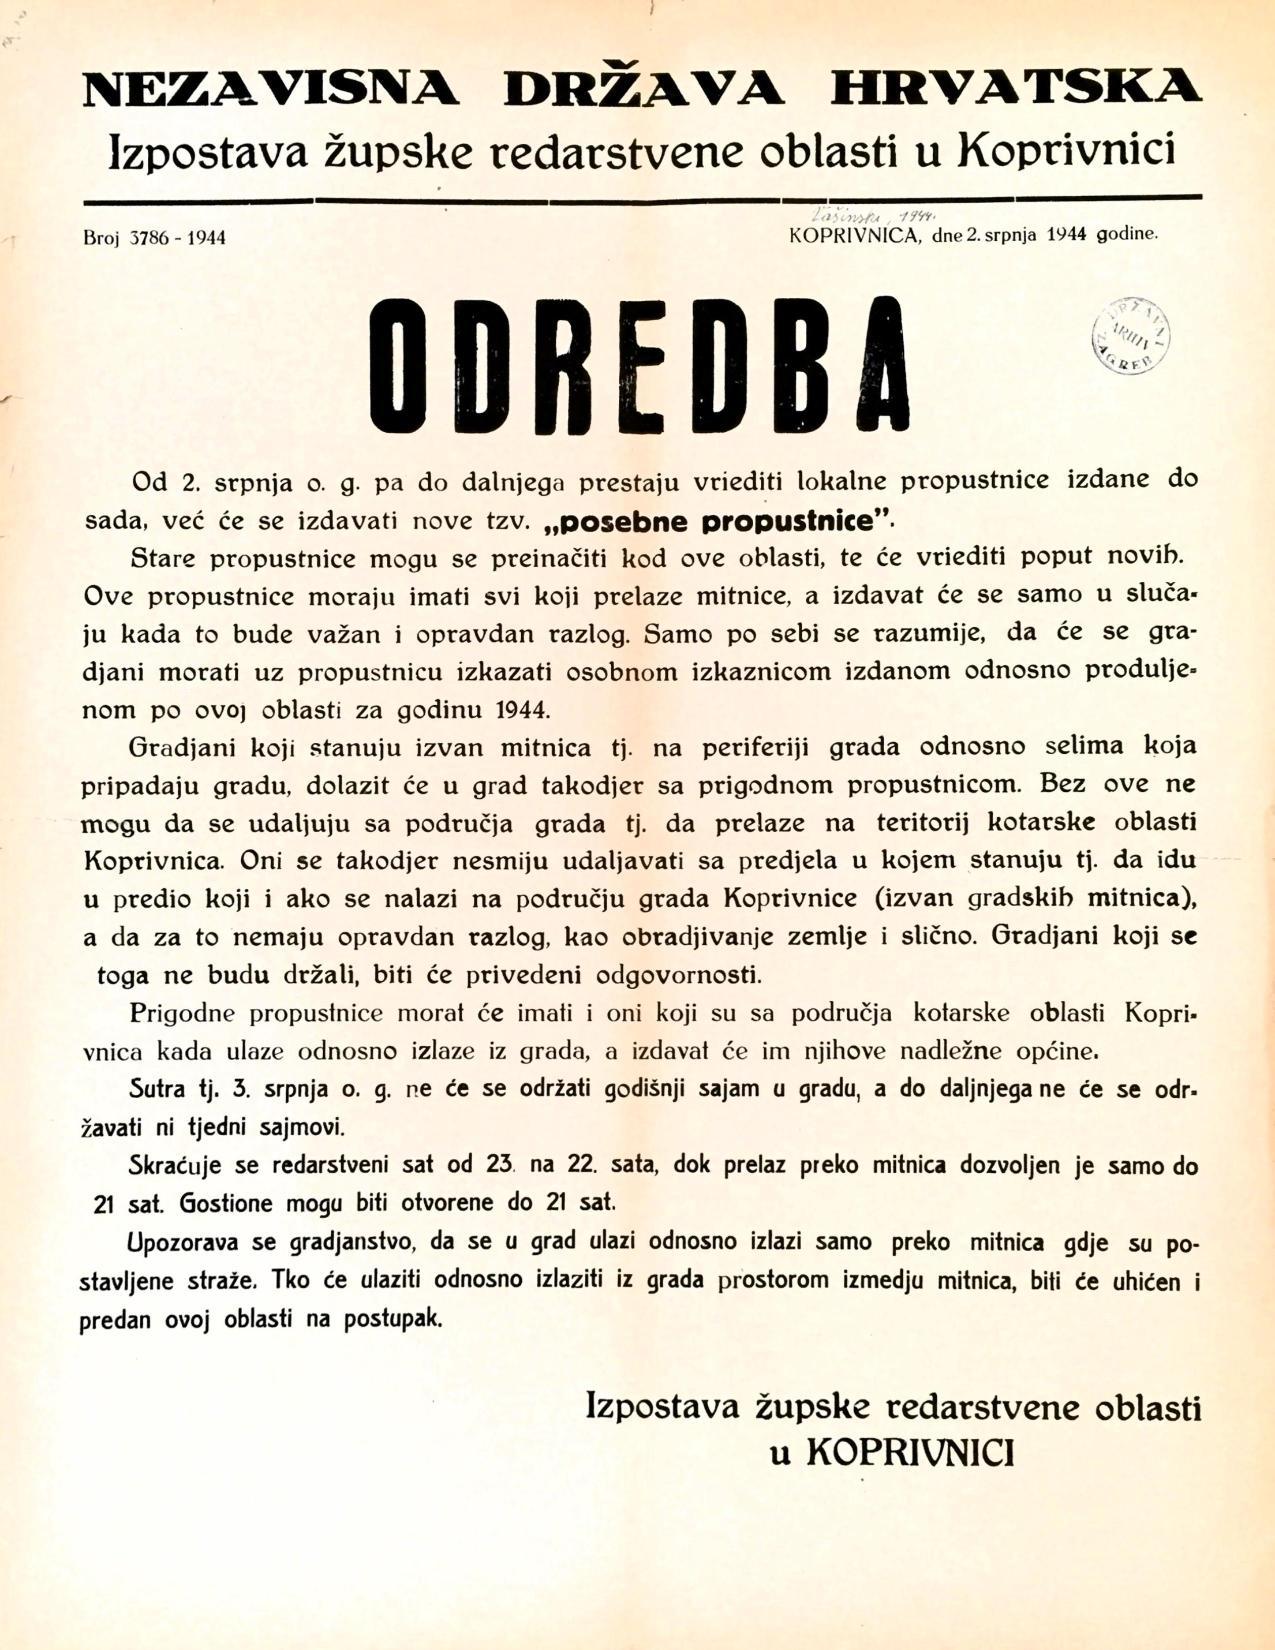 Odredba o posebnim propusnicama u Koprivnici od 2. srpnja 1944. godine (Izvor: HR-HDA-907-Zbirka stampata, 59/96)